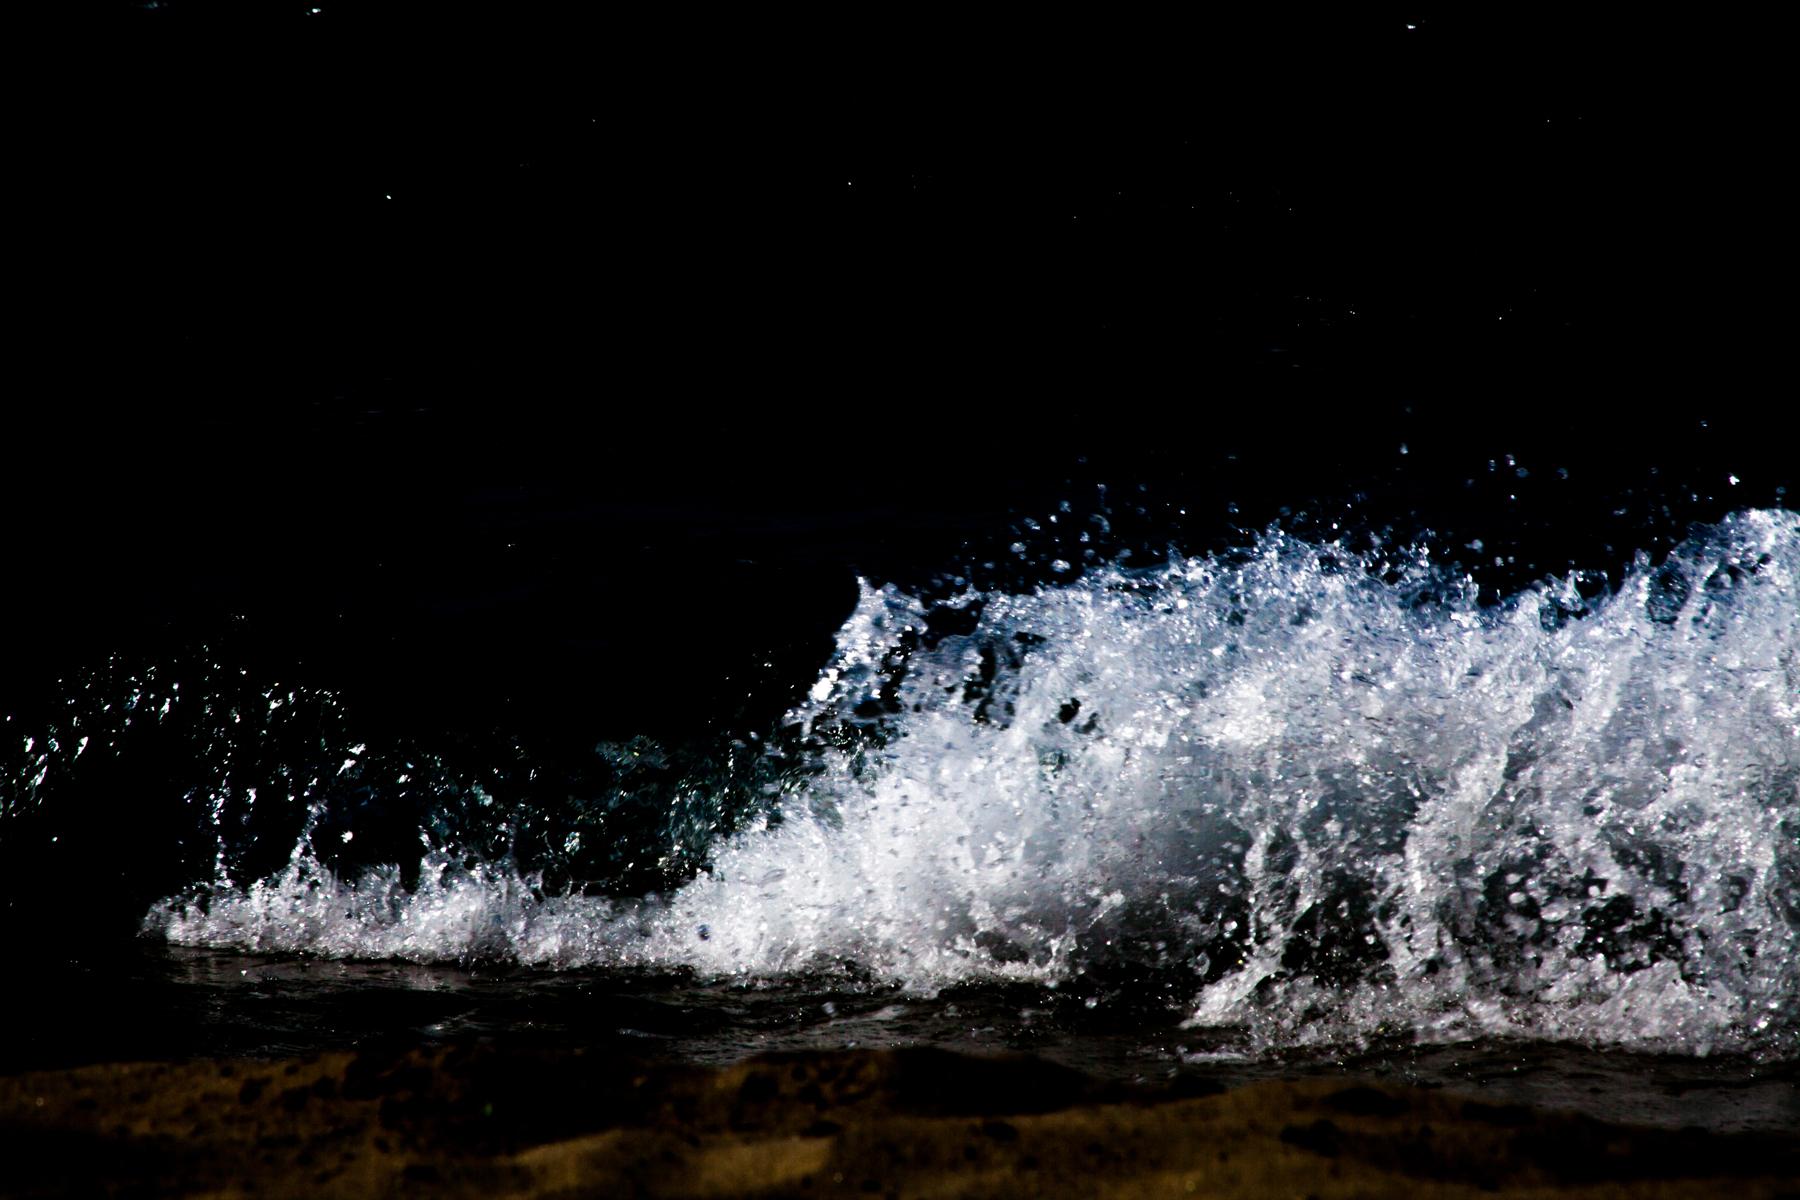 Anastasia_Kioulafa_Waves_Untitled-1.jpg